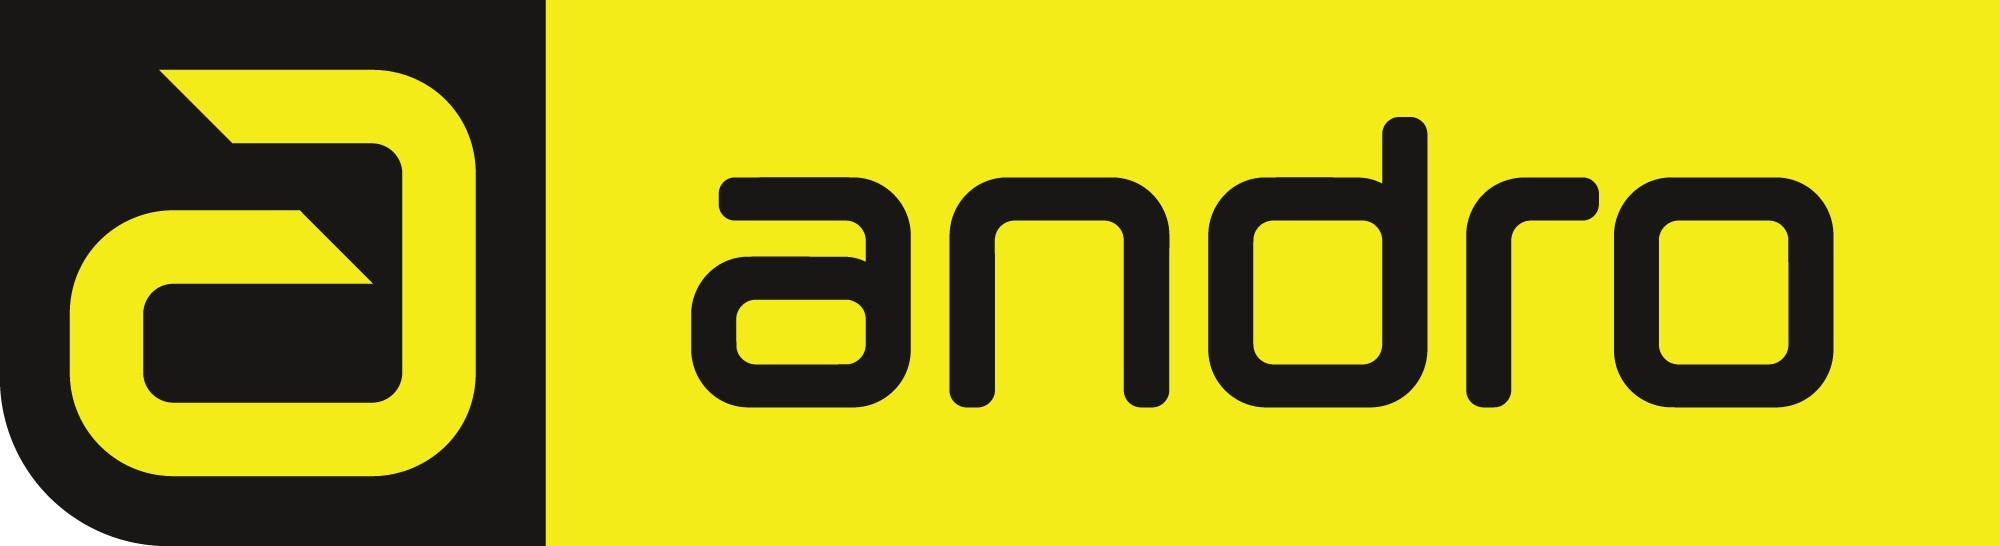 andro logo 1